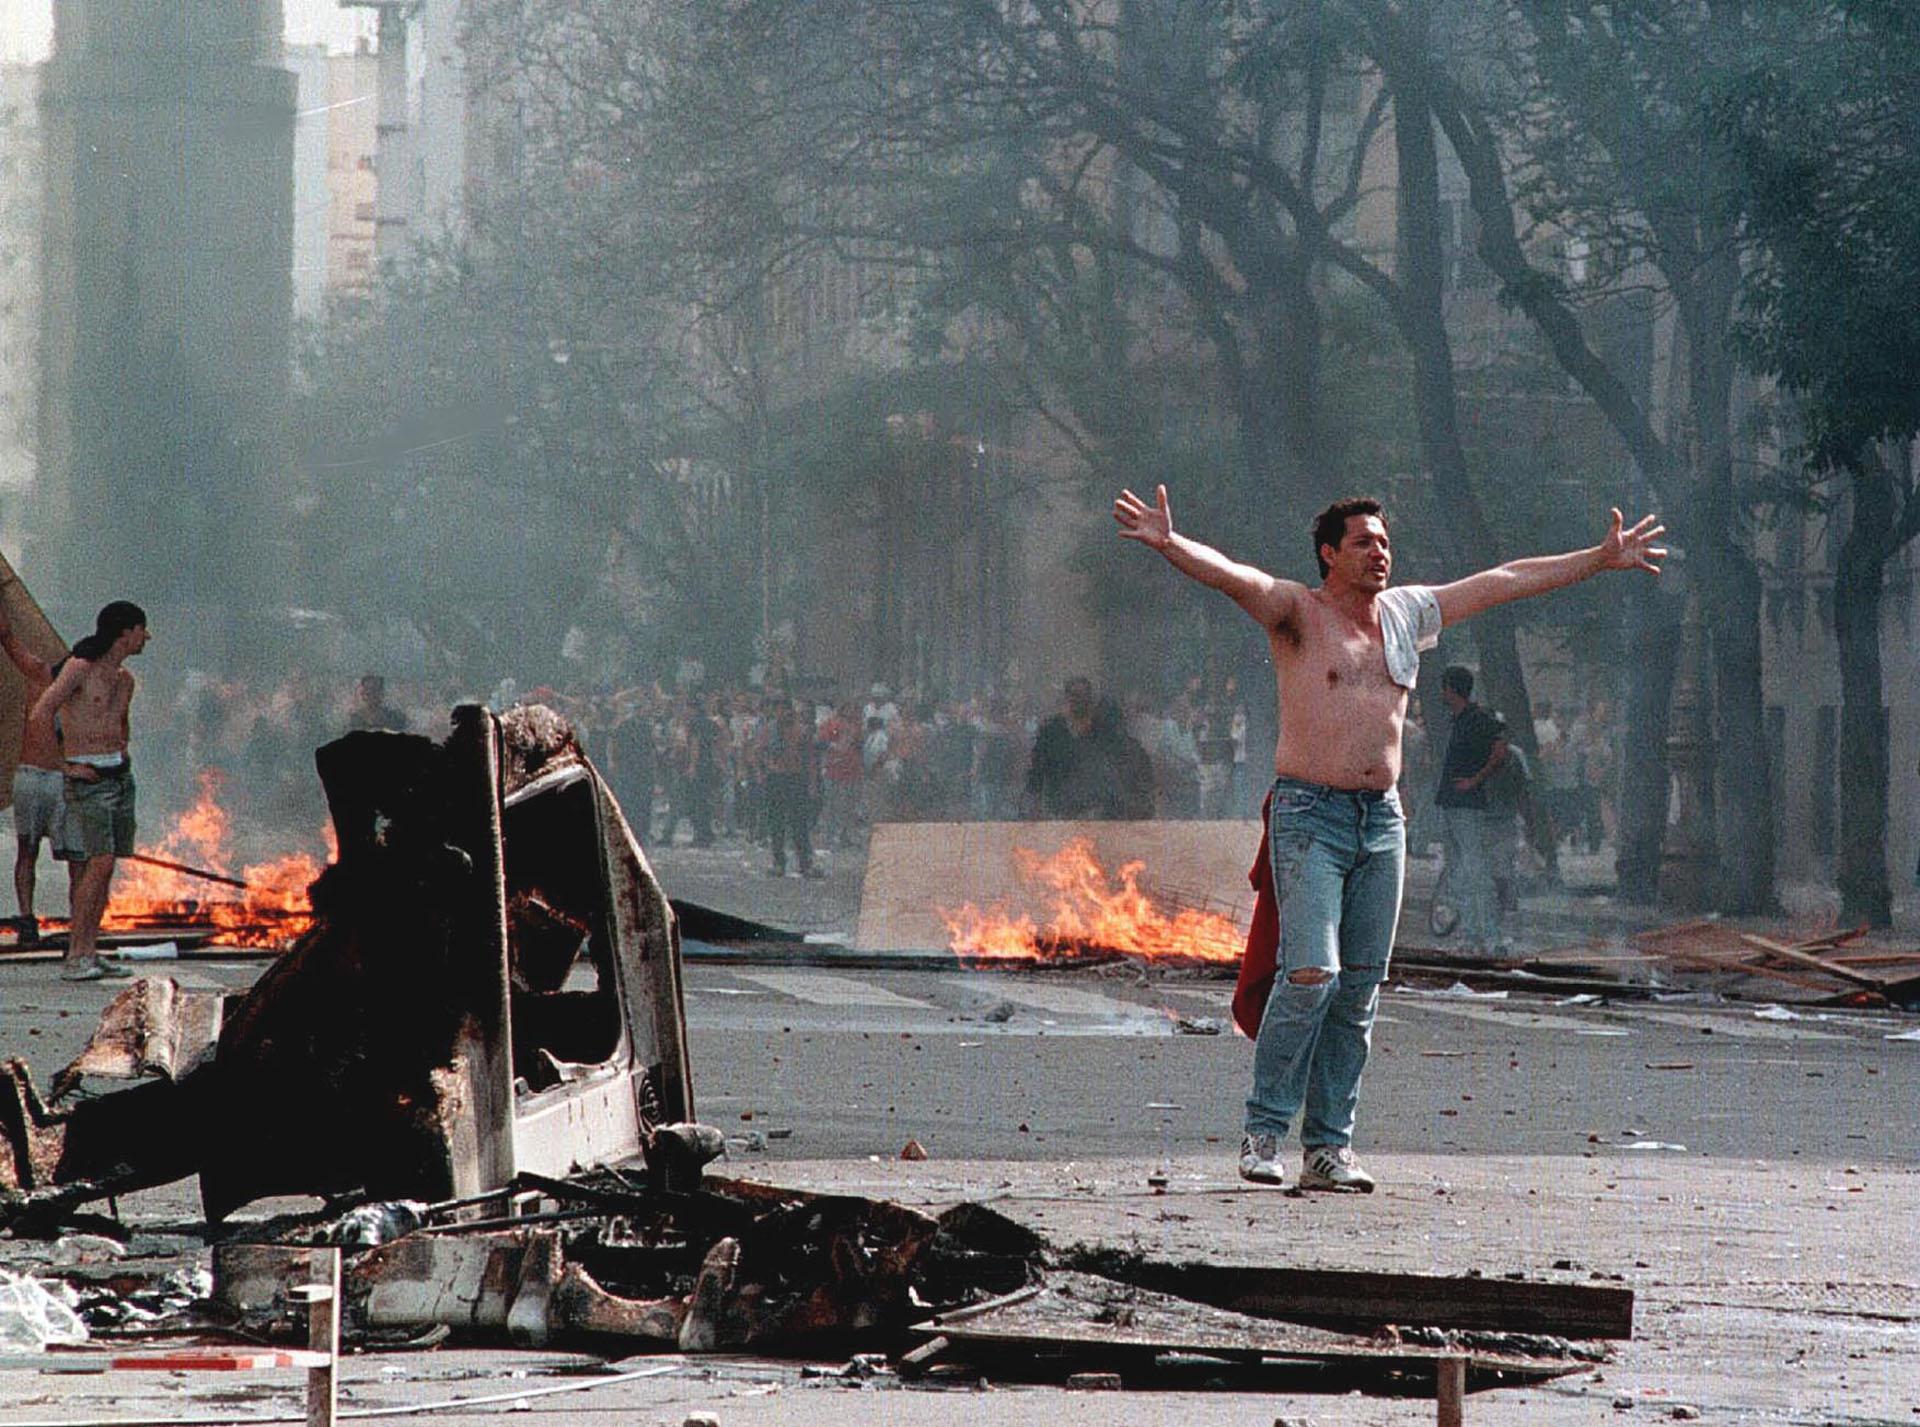 Una de las imágenes emblemáticas del estallido social de diciembre de 2001 (NA)